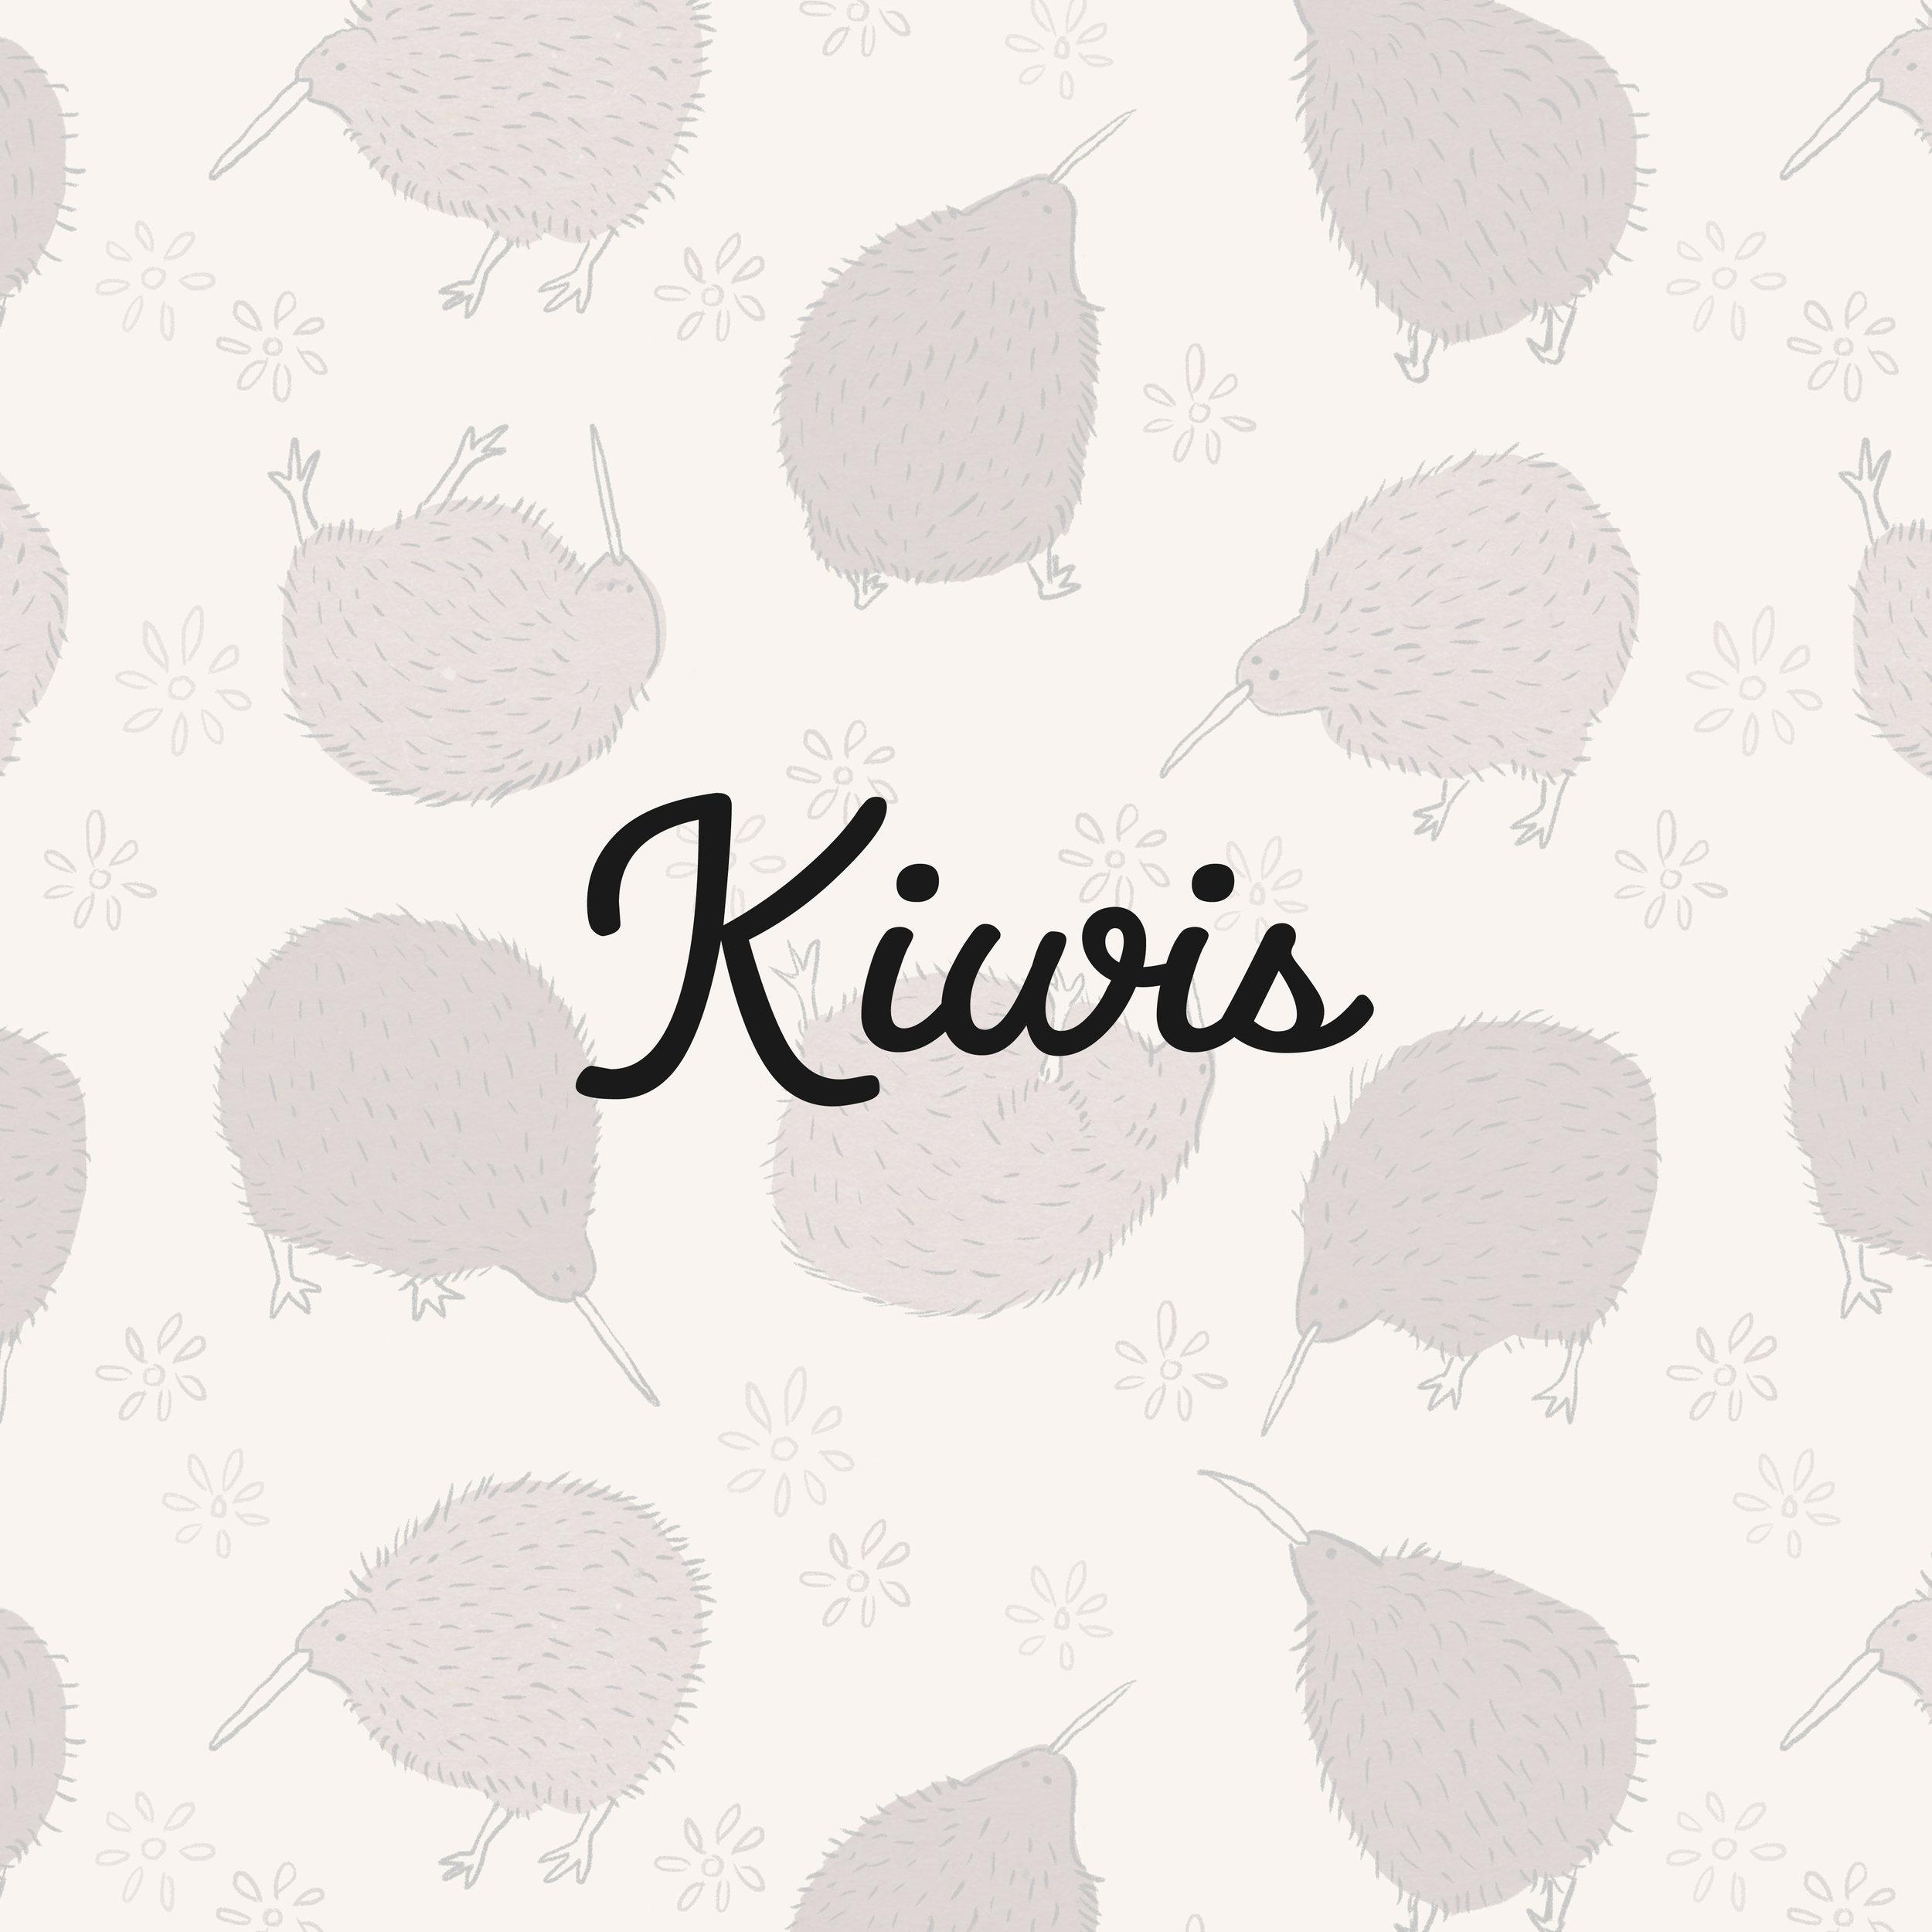 Kiwis_square.jpg